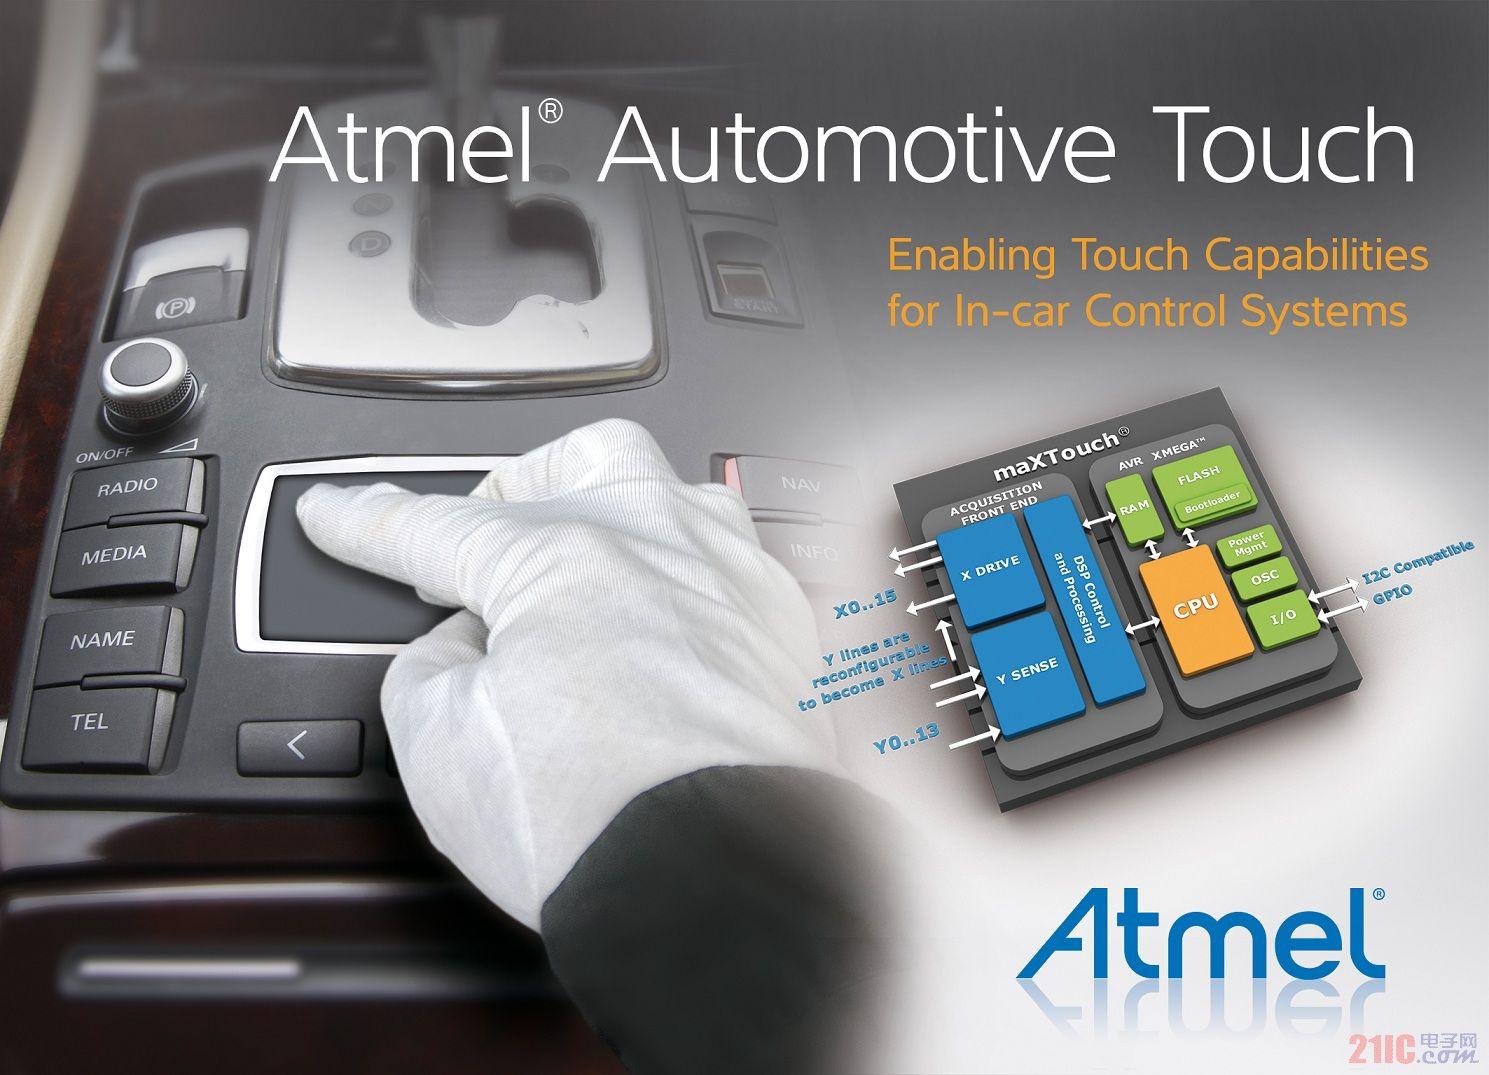 爱特梅尔发布用于车载控制系统的新型汽车认证maXTouch器件